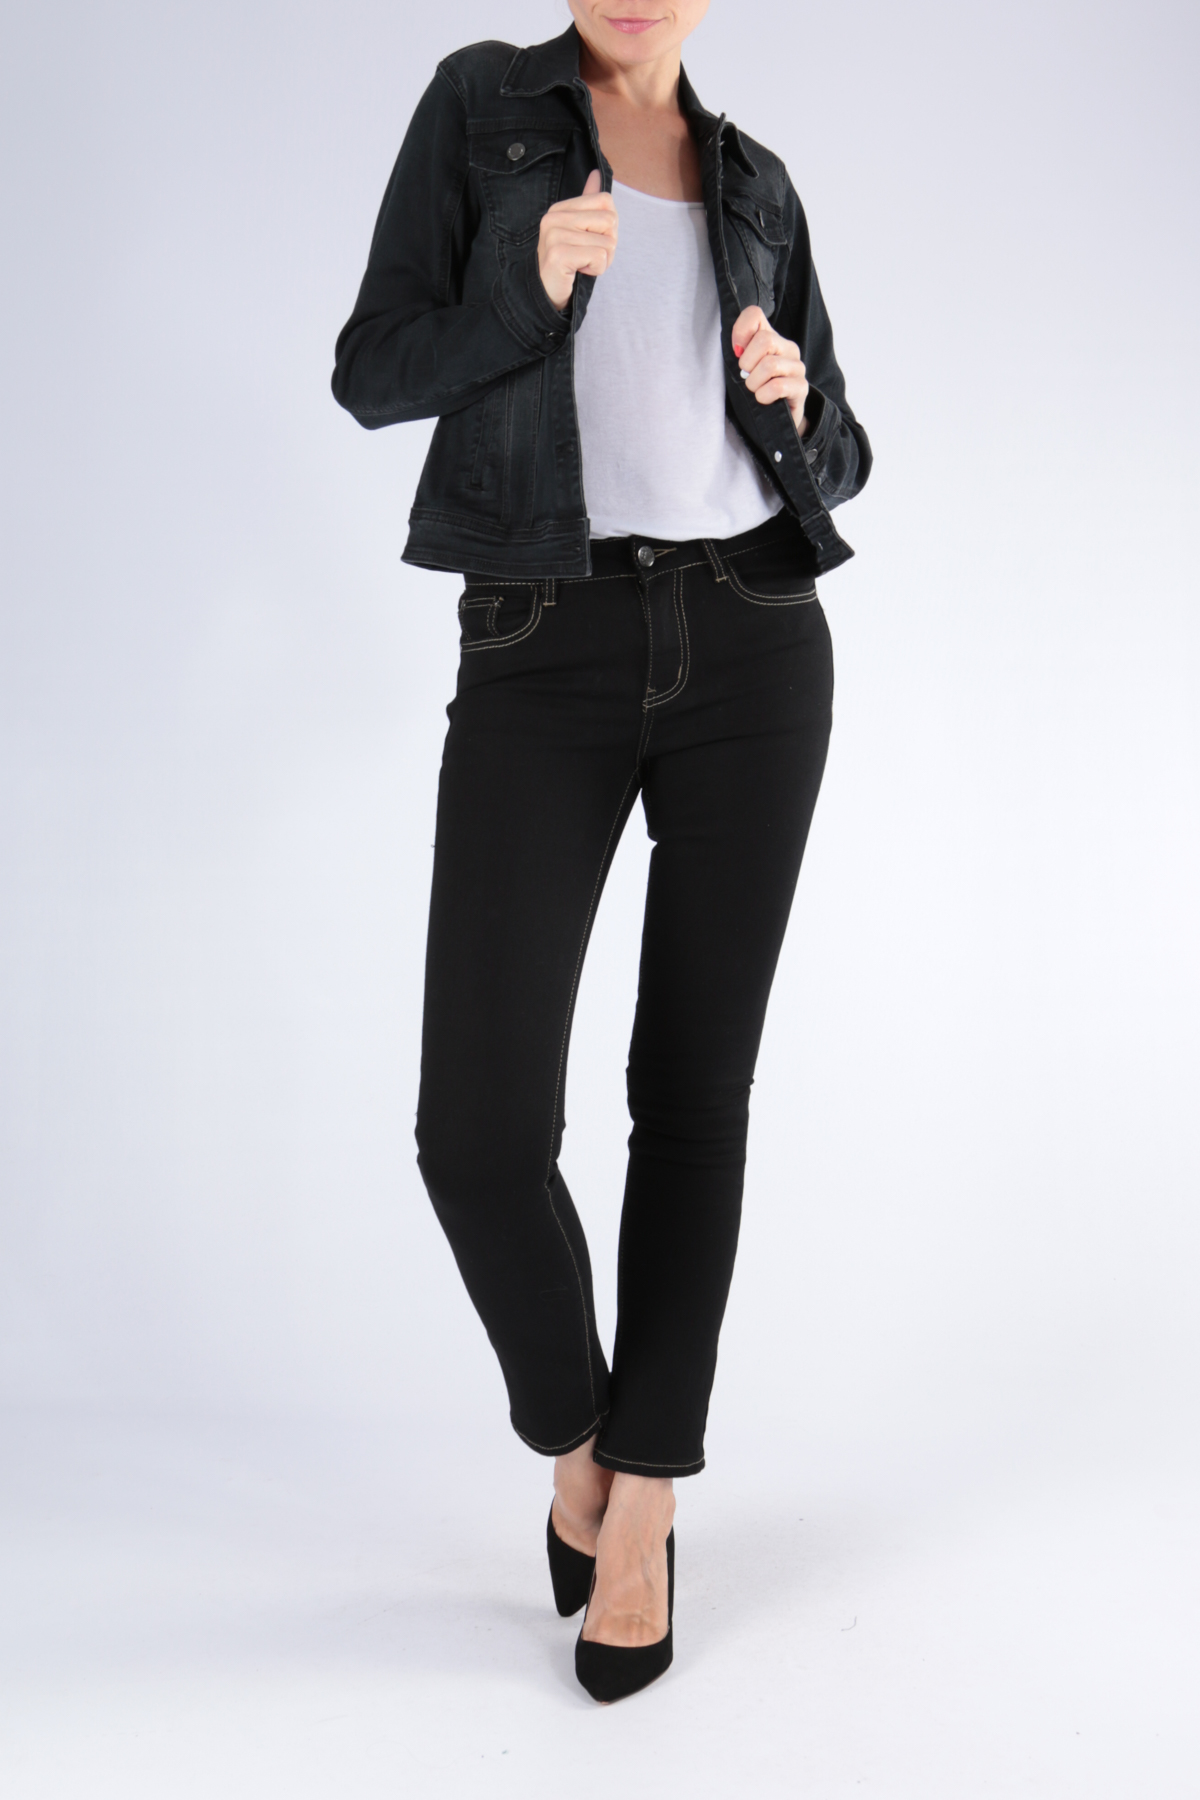 Vestes Femme Gris Simply Chic  H205 #c eFashion Paris